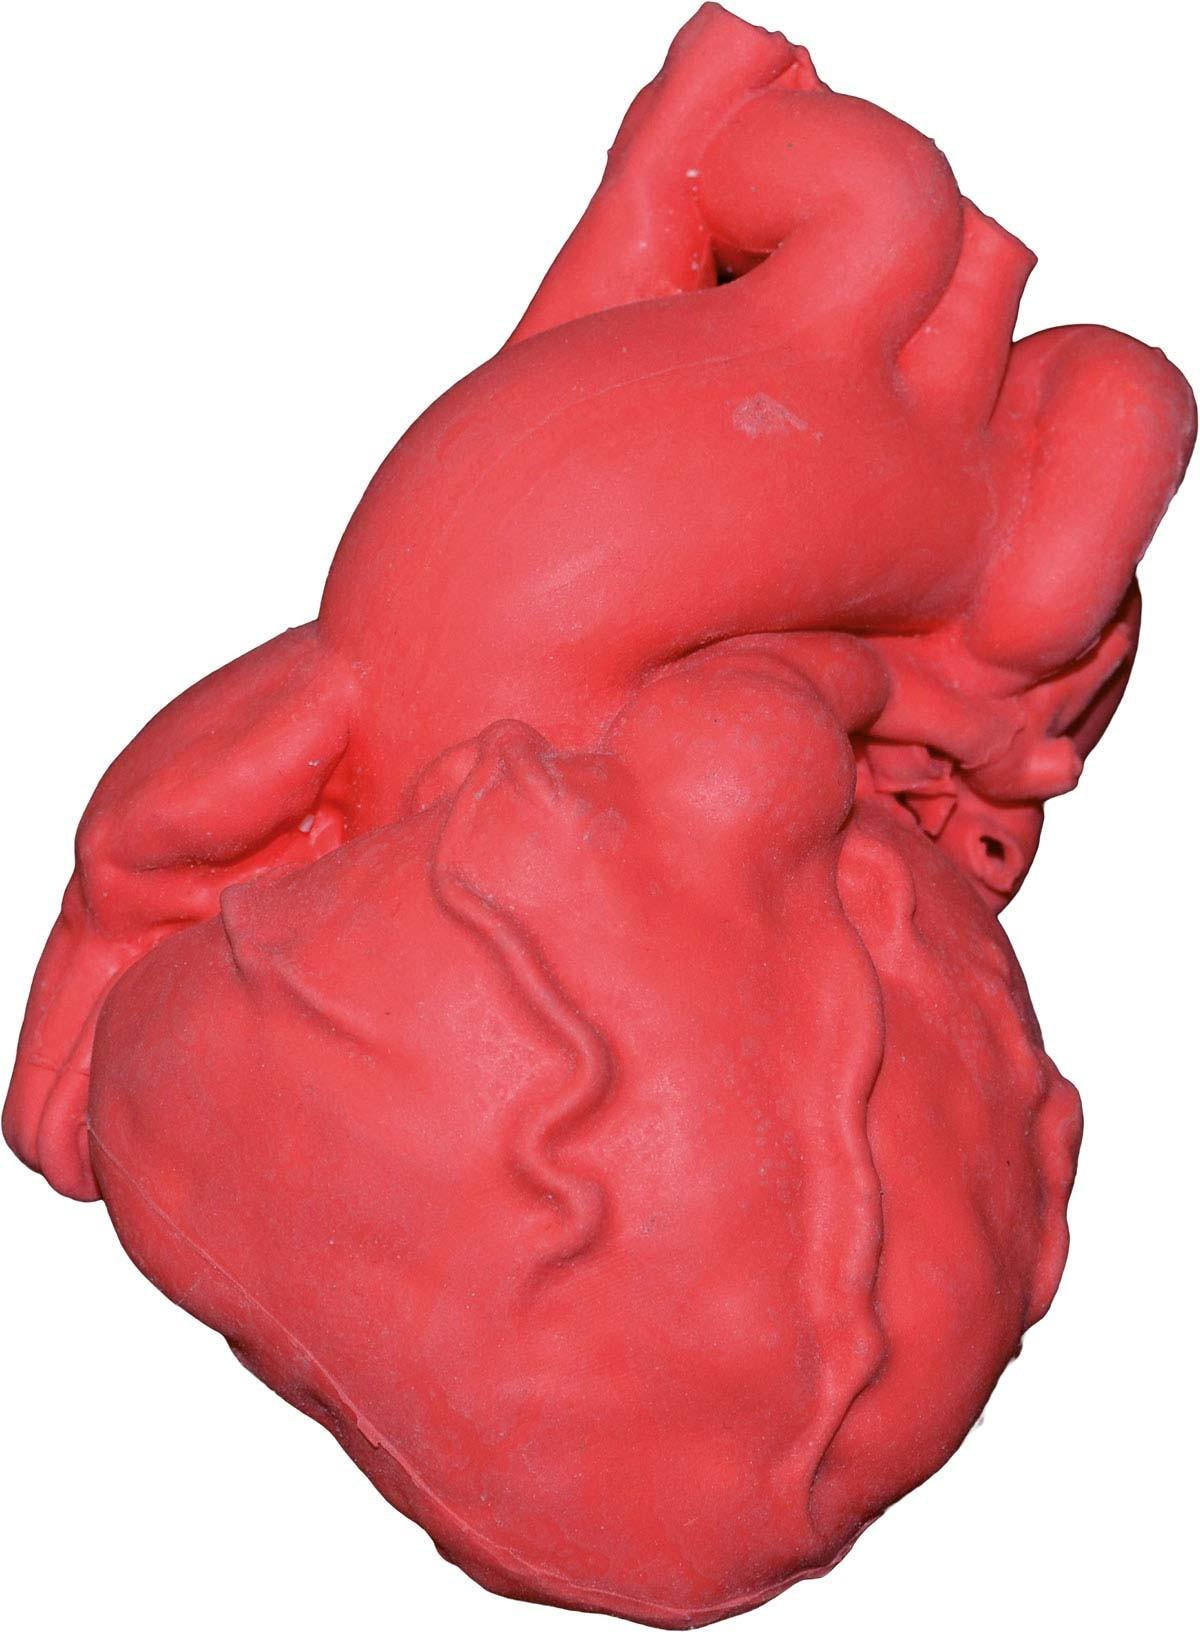 Pädiatrisches Herz mit Fallot-Tetralogie (TOF) 1